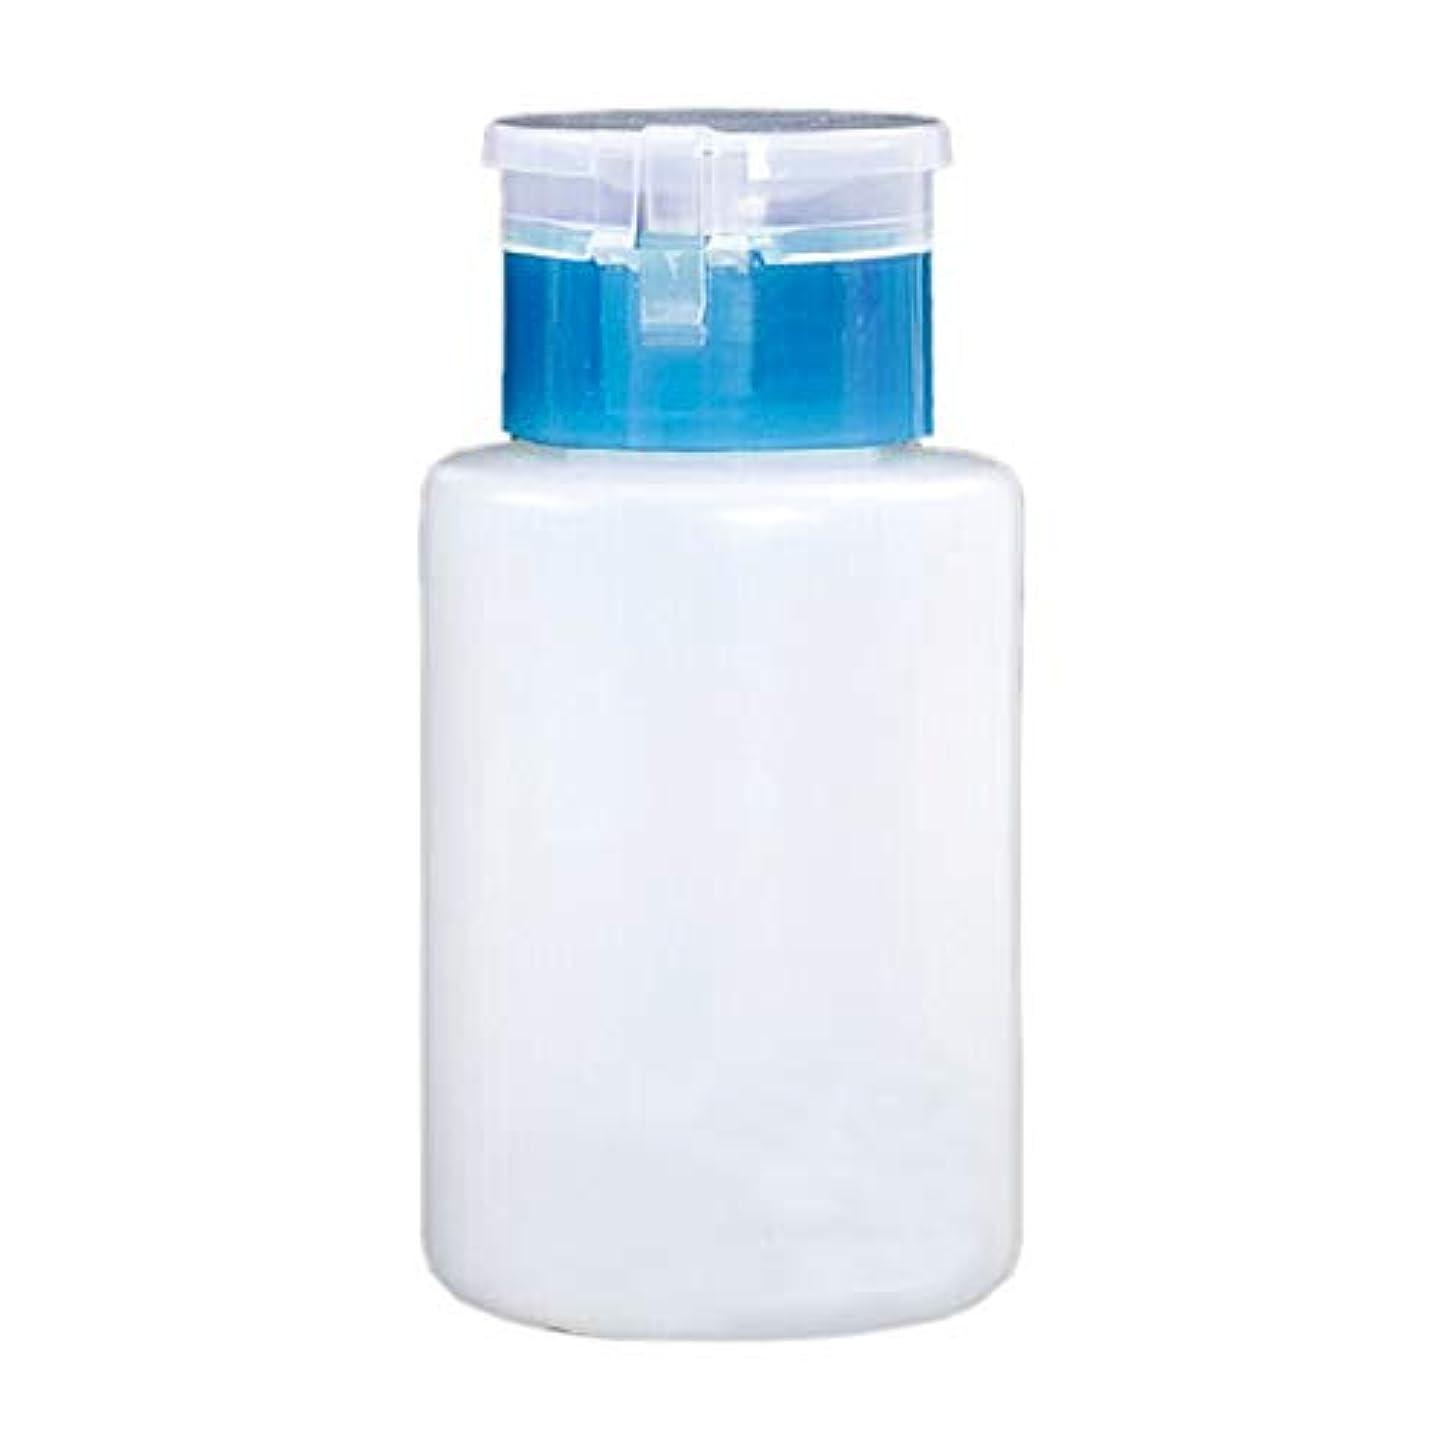 トレーニングブロッサム書道TOOGOO 150MLネイルオイルボトル メーク落としアセトンポンプ ディスペンサーボトル(ブルー)